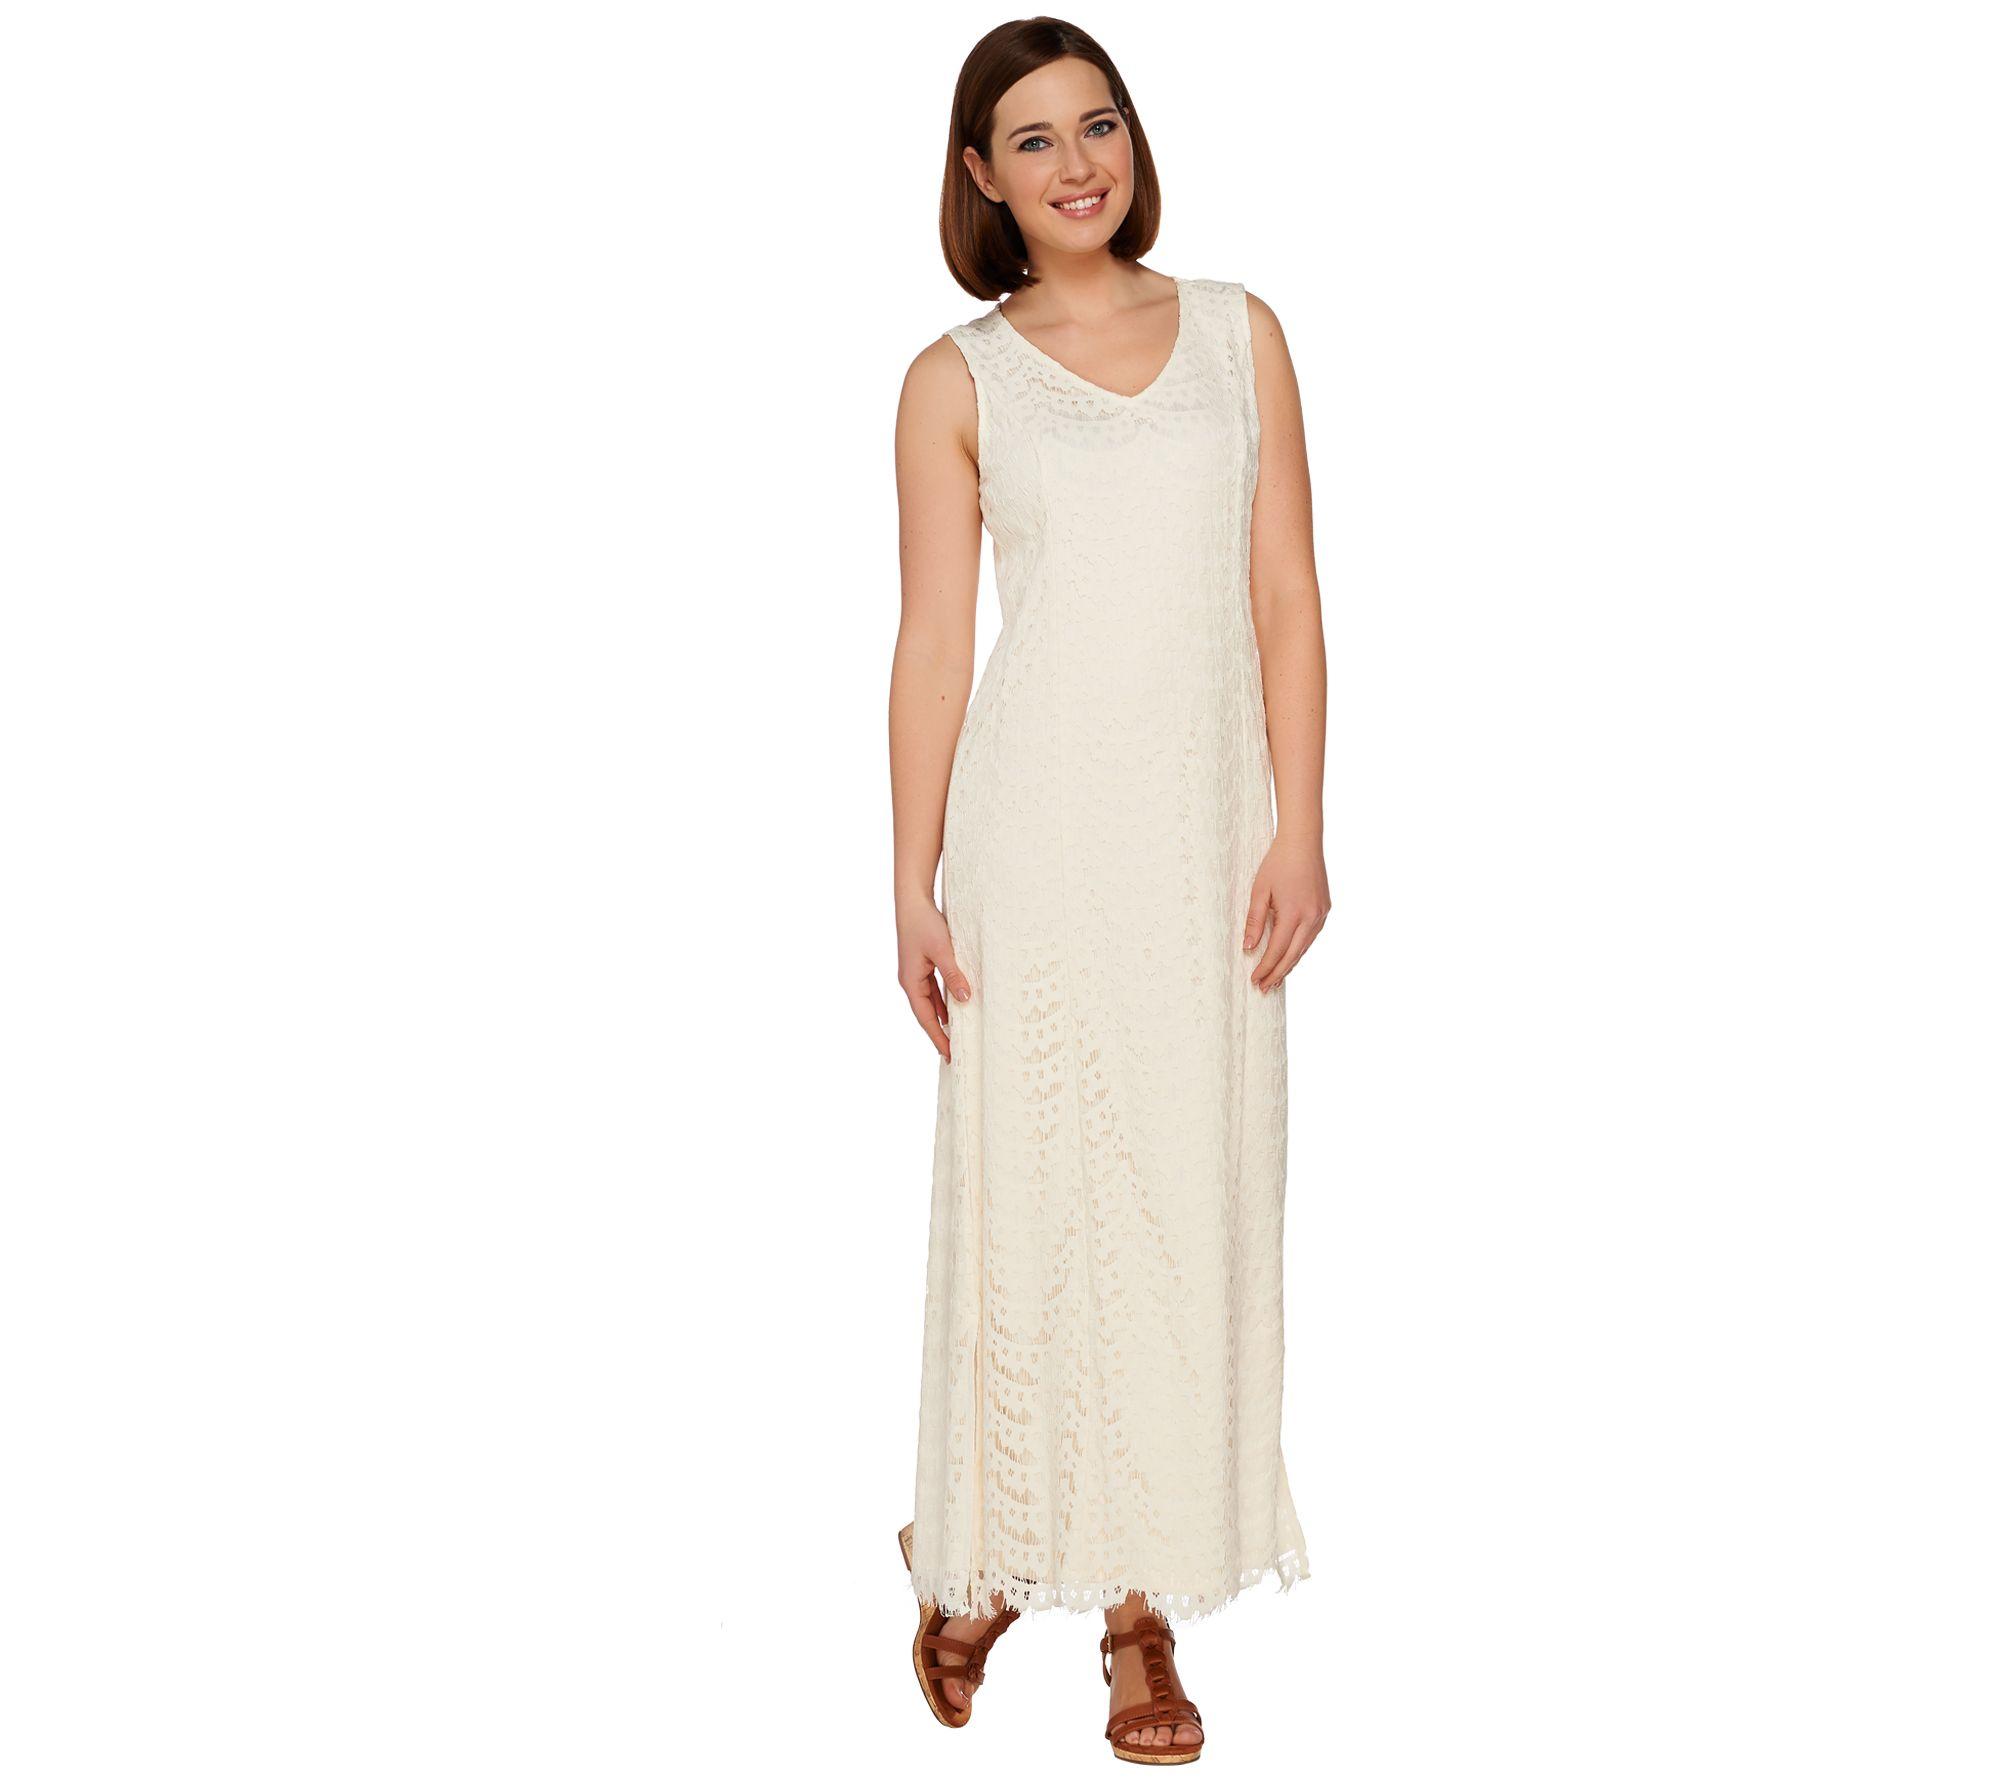 Isaac Mizrahi Live Lace Maxi Dress With Scallop Hem